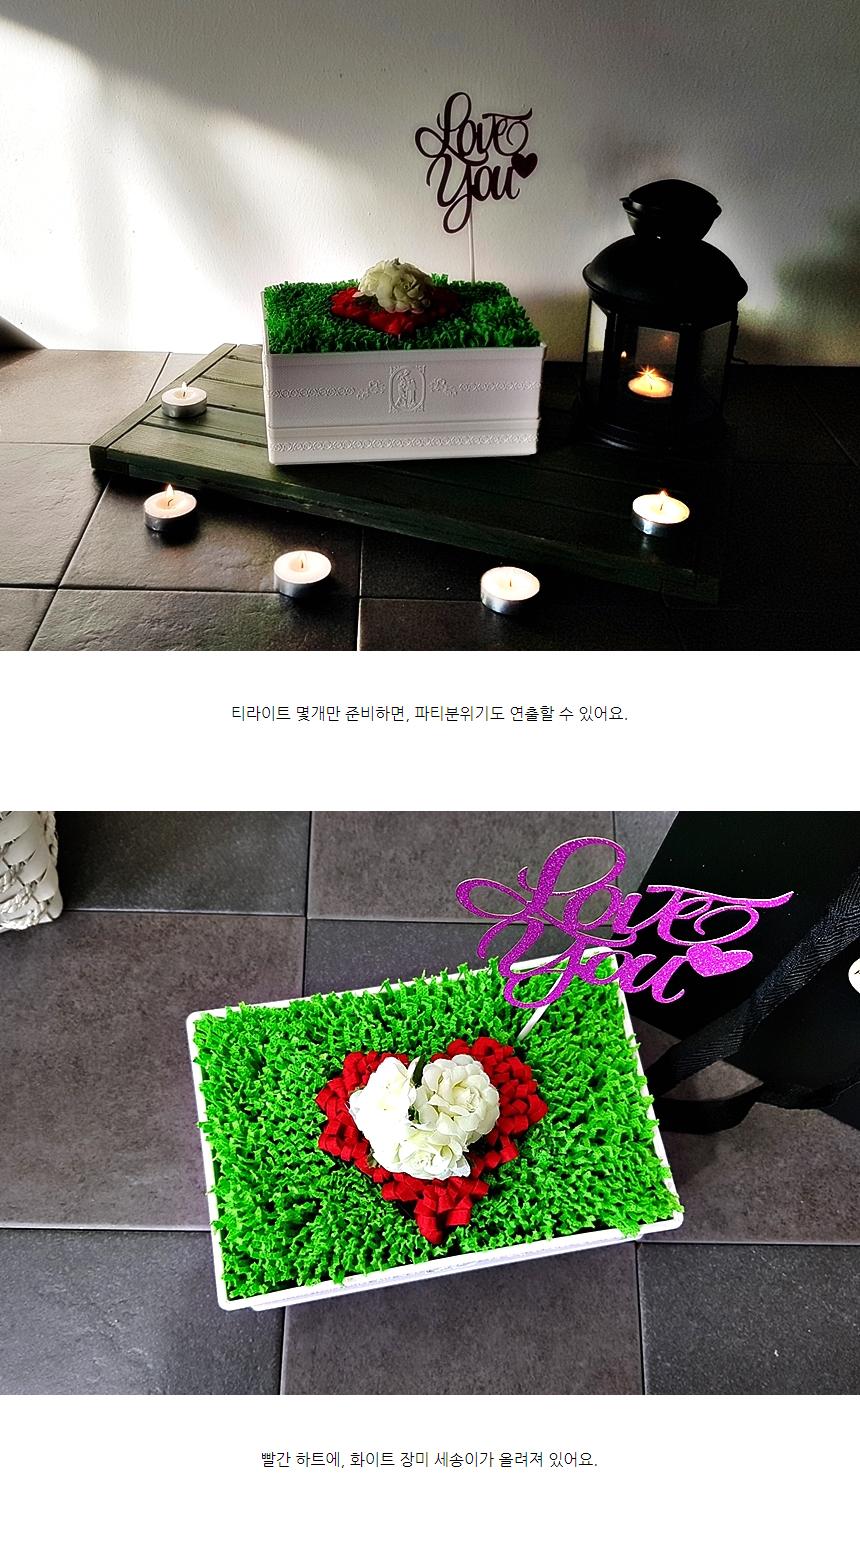 하트장미 용돈박스 플라워 가습기 부모님선물 - 풀초, 20,000원, 조화, 플라워박스